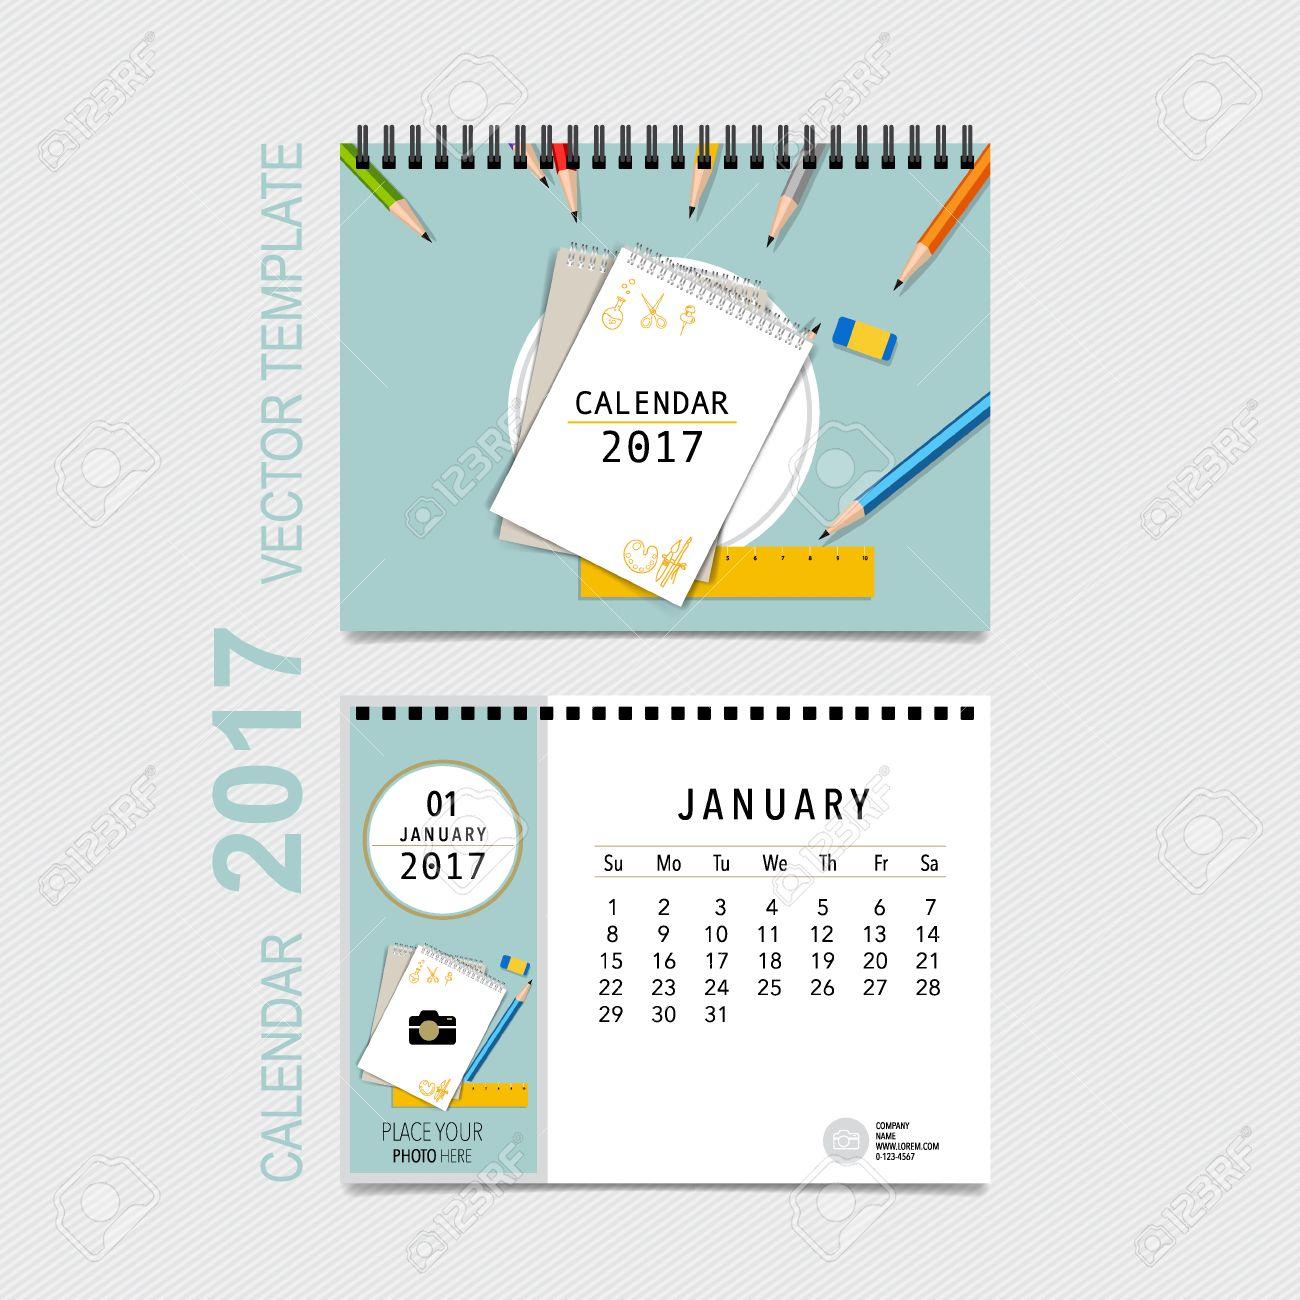 2017 calendar planner design template monthly calendar template